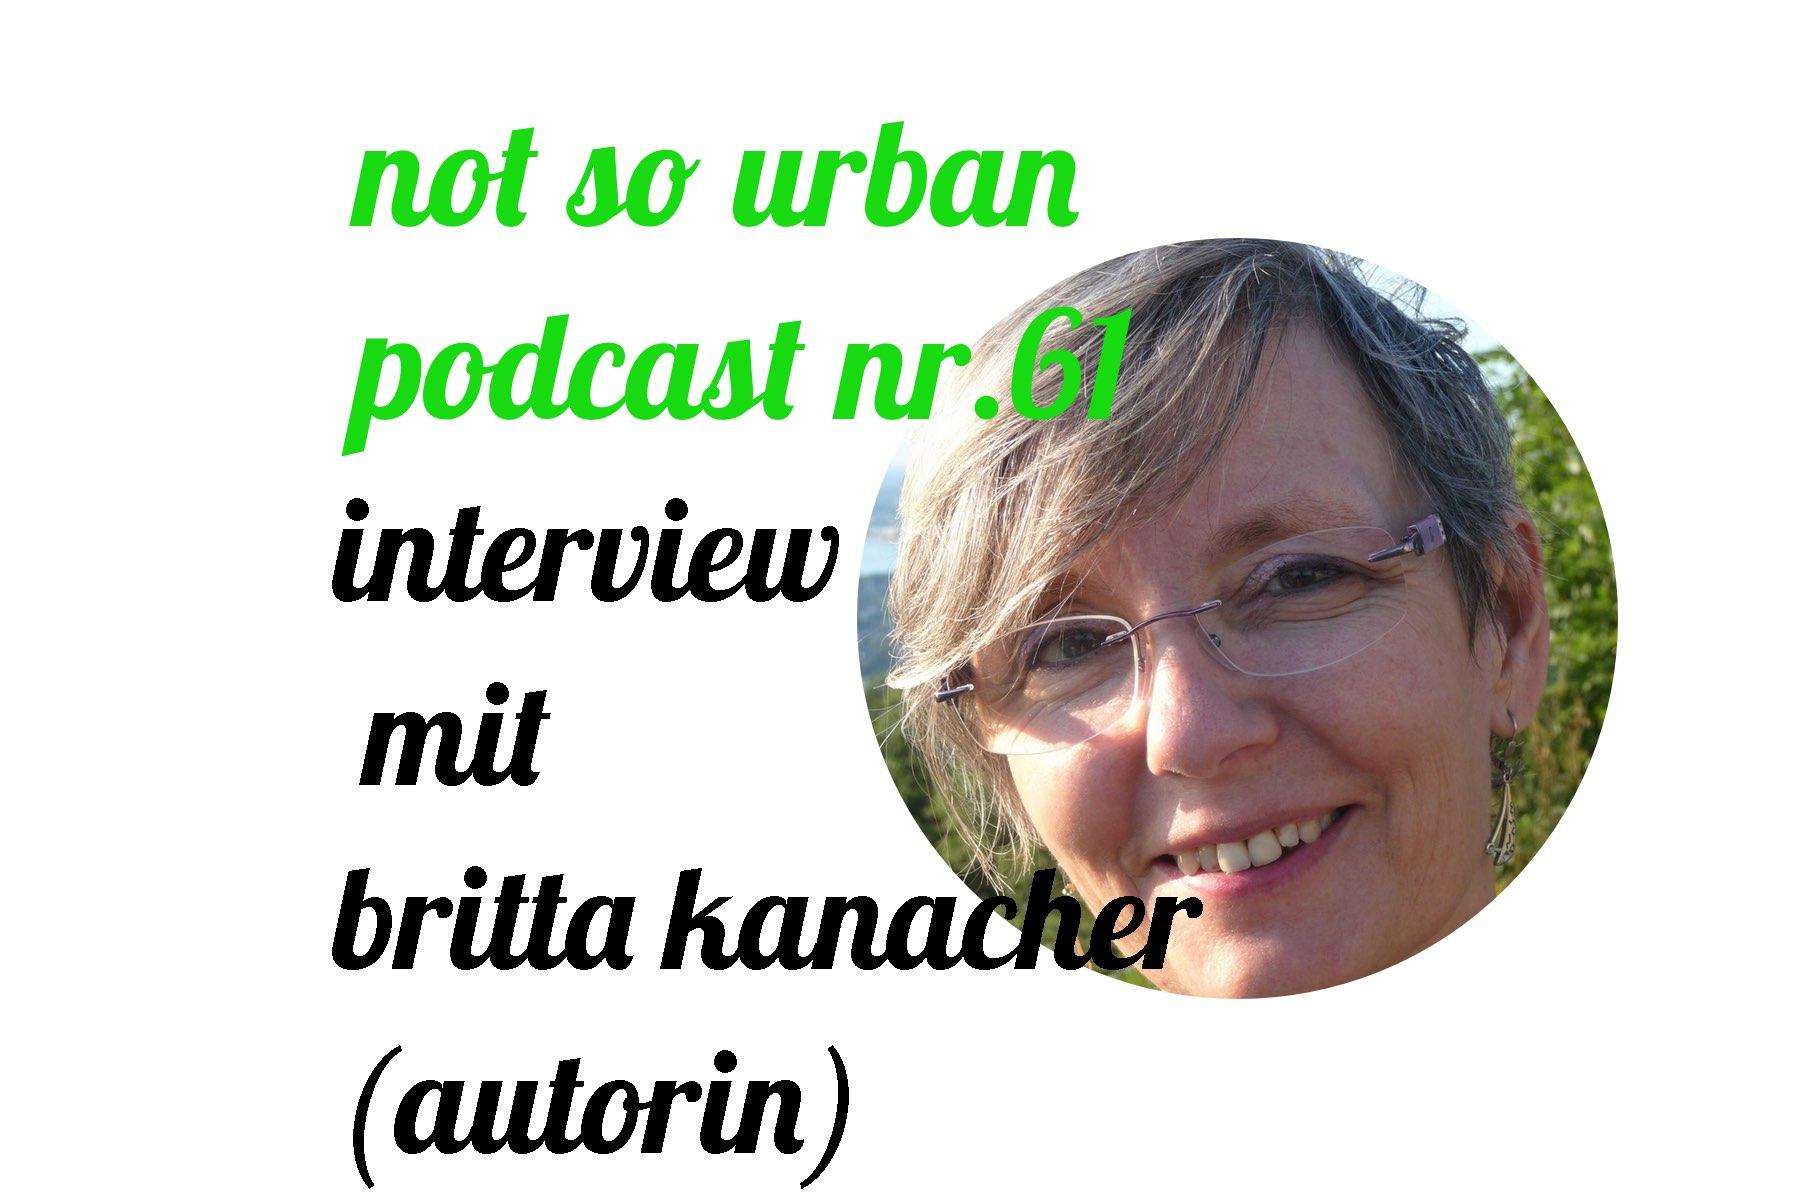 not so urban Podcast Nr. 61: Interview mit Britta Kanacher